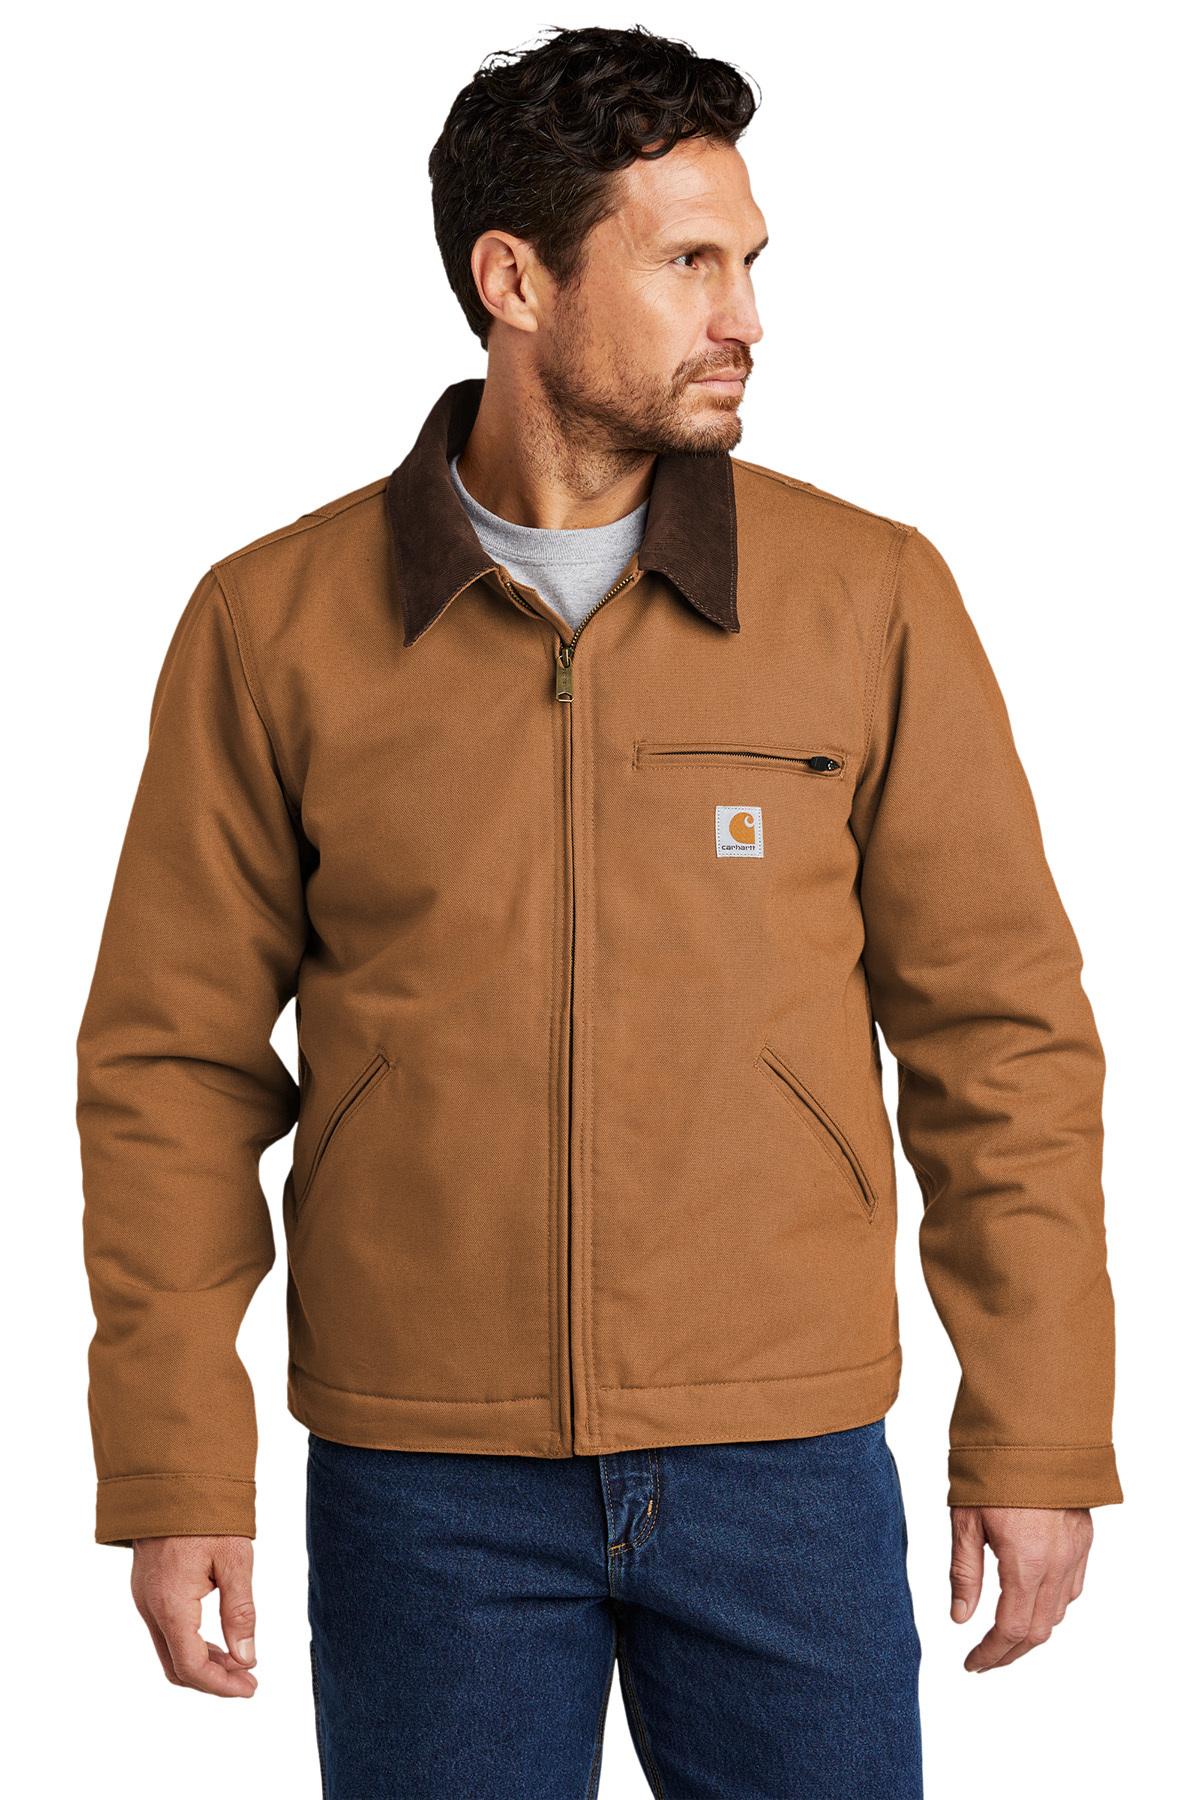 Carhartt Tall Duck Detroit Jacket Tall Outerwear Sanmar [ 1800 x 1200 Pixel ]